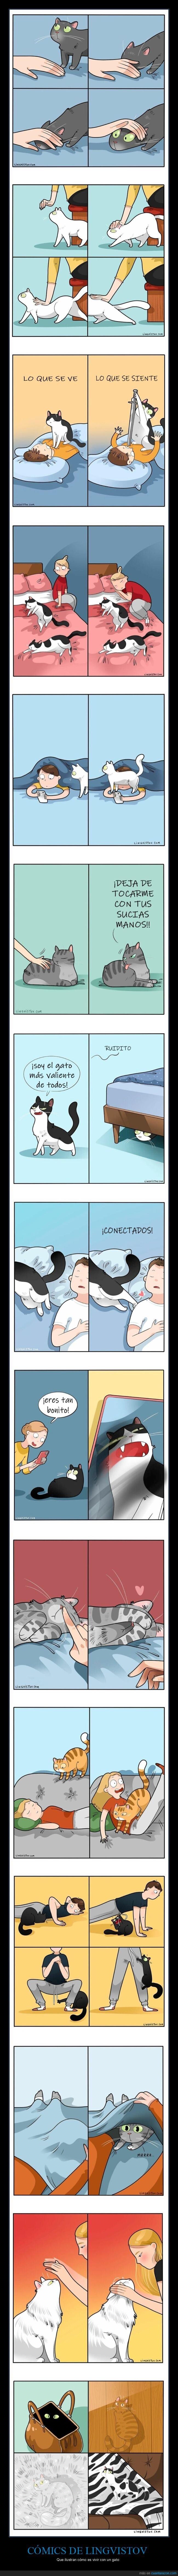 convivir,gatos,lingvistov